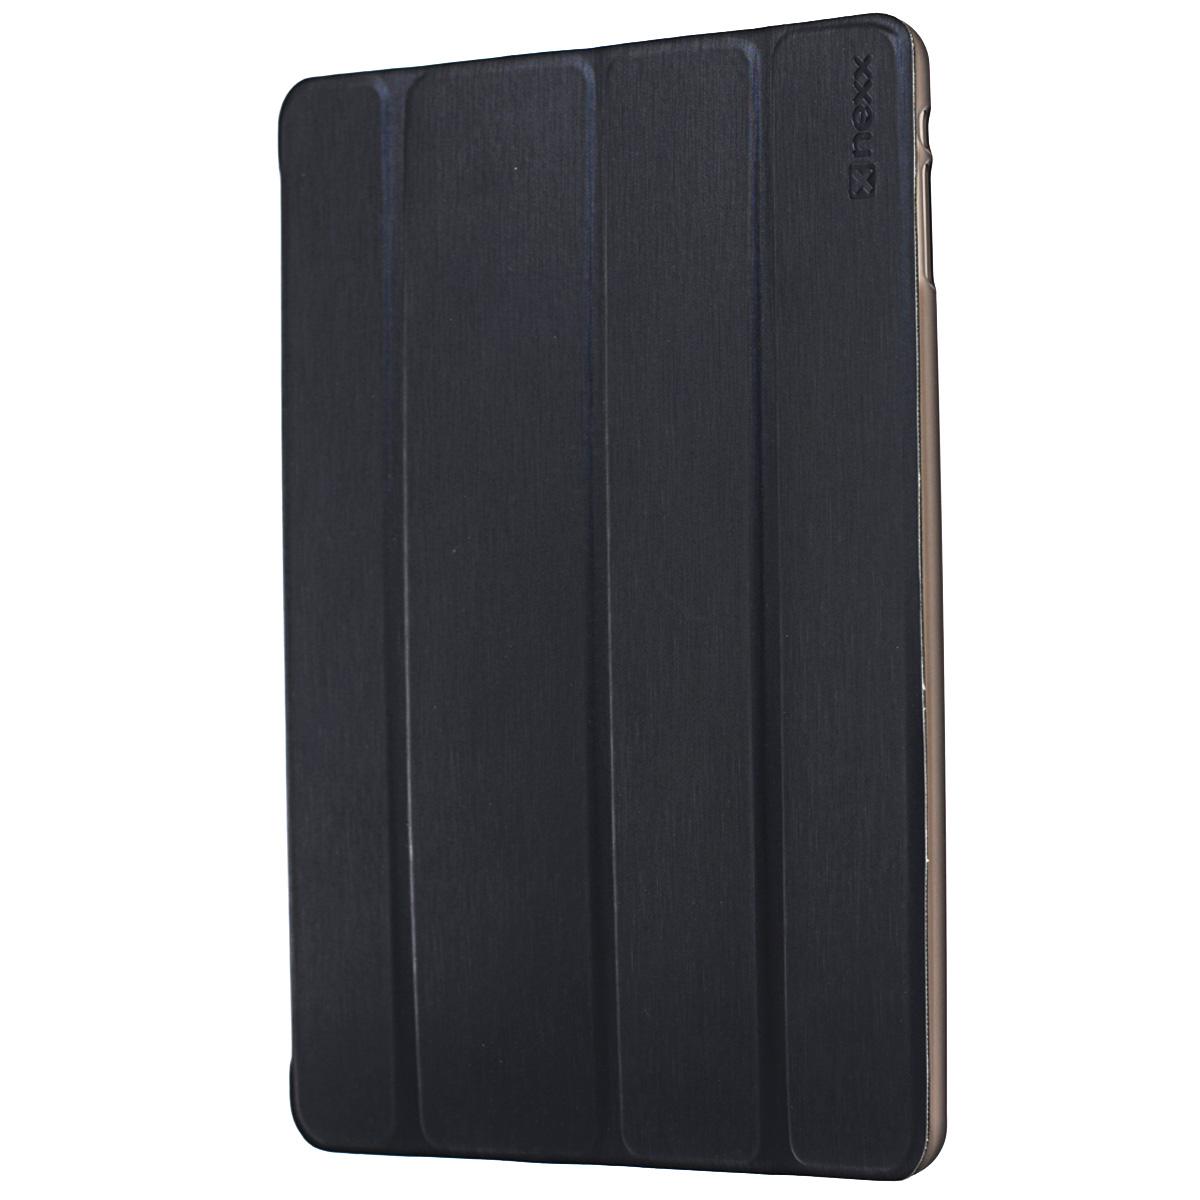 Nexx Ultra S чехол для Apple iPad Air, BlackNX-TPC-US-100Тонкий чехол-книжка Nexx Ultra S для Apple iPad Air - идеальное решение для практичных людей с хорошим вкусом. Чехол легко трансформируется в удобную подставку и имеет 2 позиции - для чтения и работы. Жесткие стенки надежно защищают планшет, а мягкая внутренняя поверхность из микрофибры предотвращает появление царапин. Интегрированные в крышку тонкие магнитные пластины держат ее плотно закрытой, когда планшет не используется и выполняют функцию ON/OFF. Обеспечивает свободный доступ ко всем кнопкам и разъемам планшета.